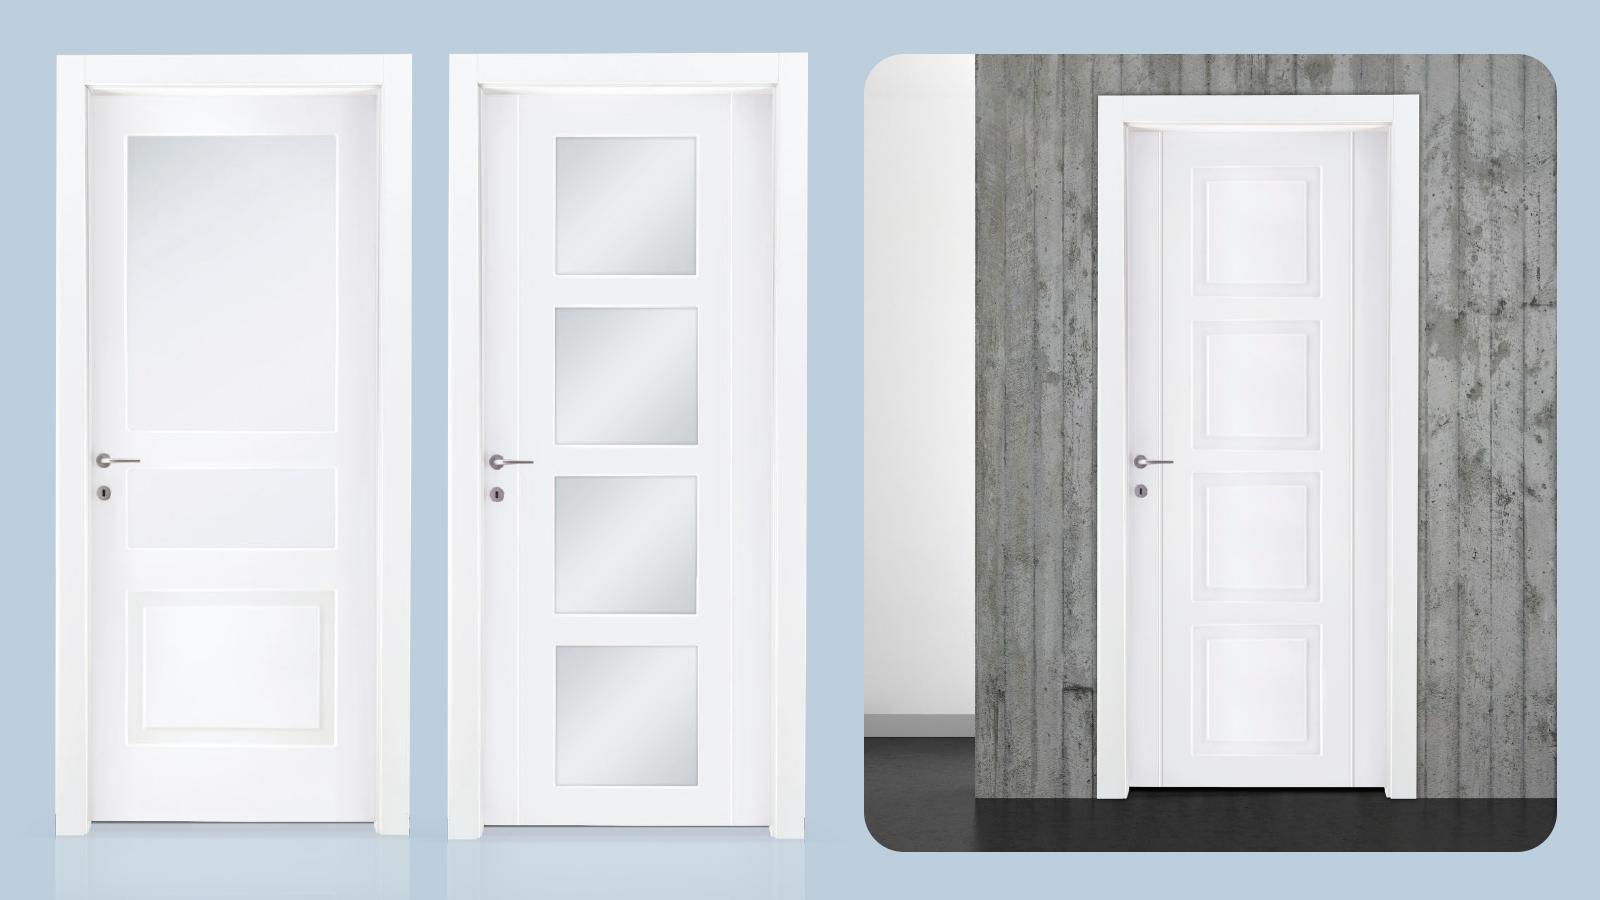 Pantografiado sobre puerta de madera prefabricada